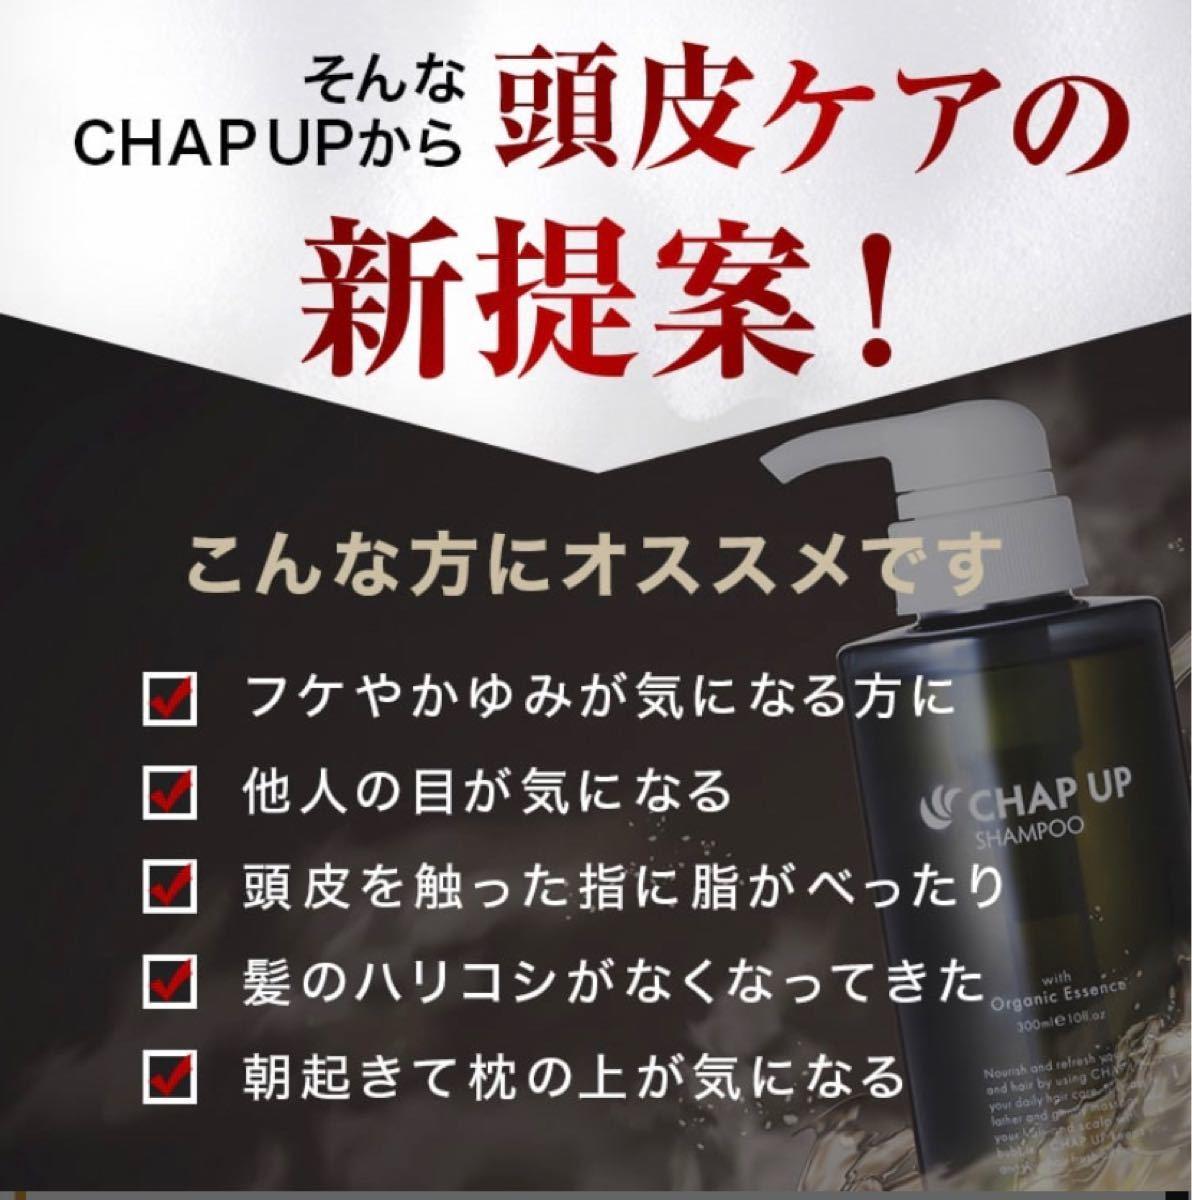 チャップアップシャンプー3本セット